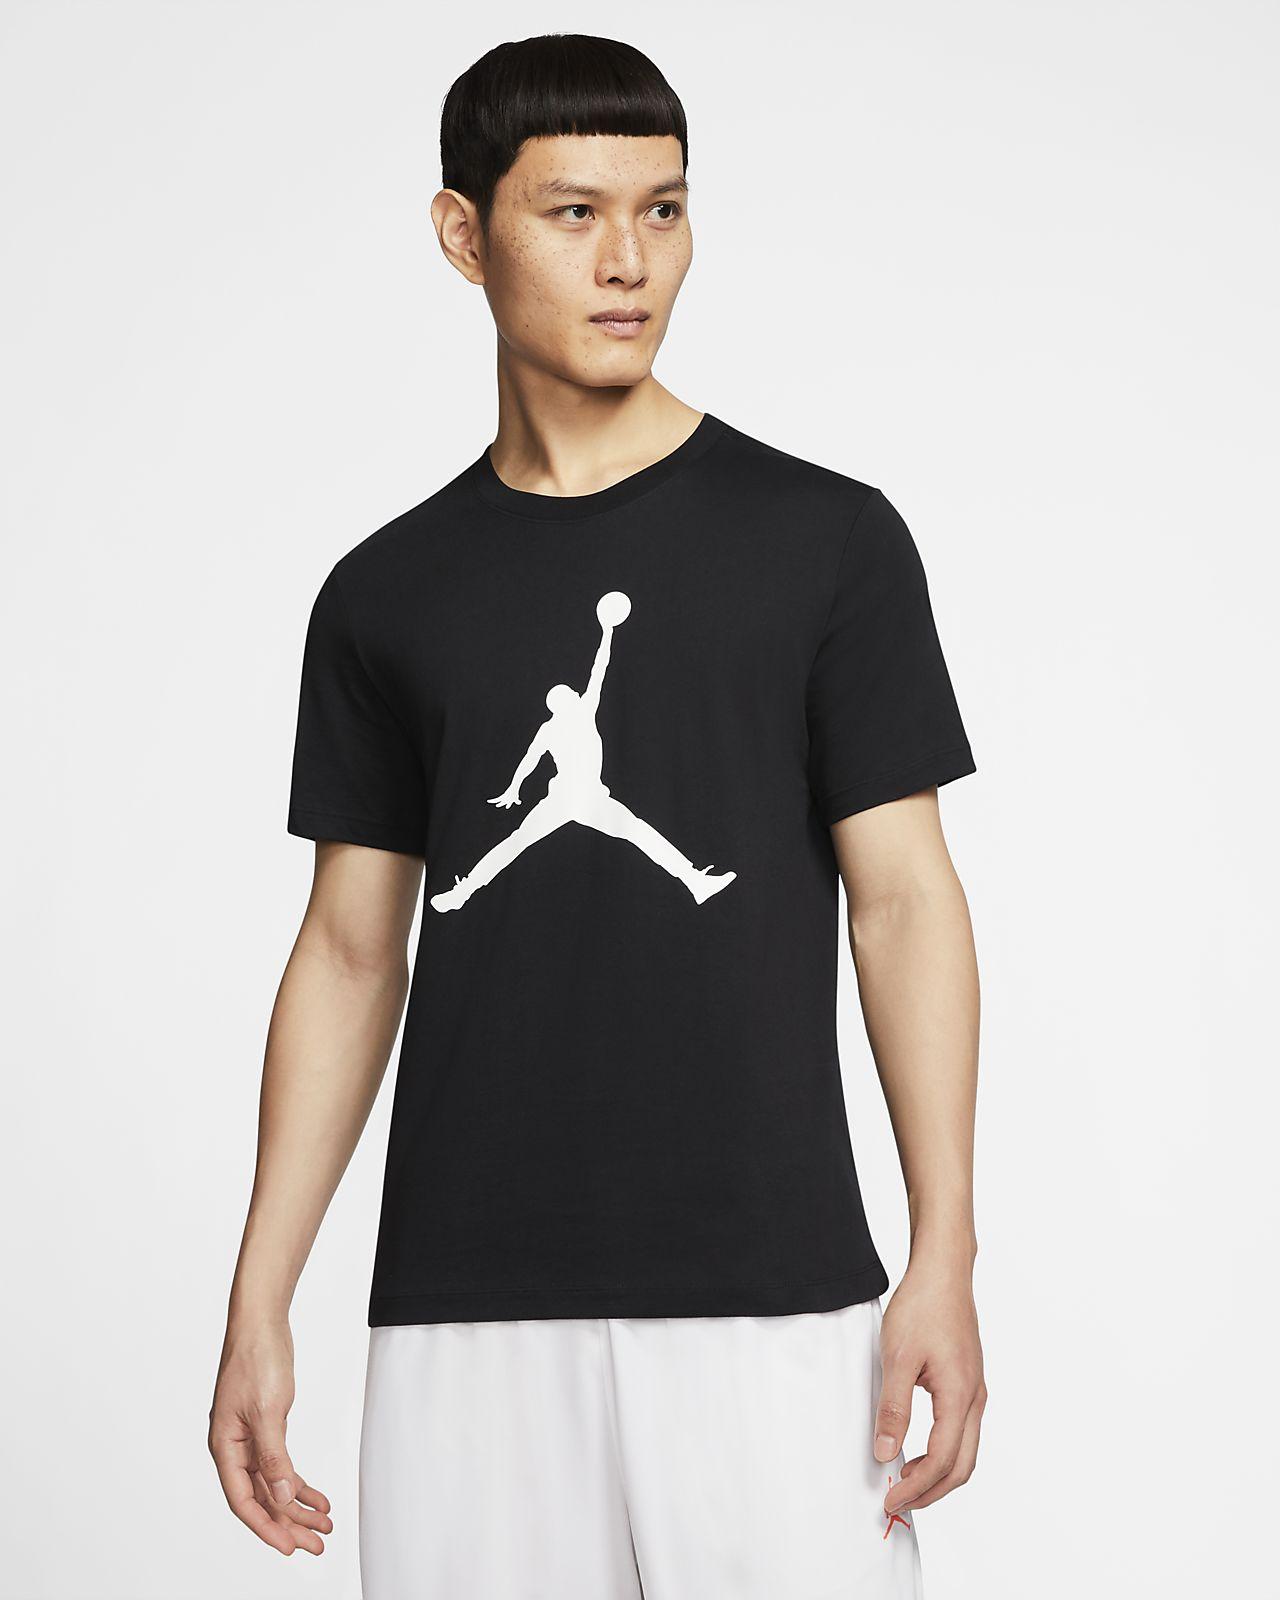 ジョーダン ジャンプマン メンズ Tシャツ